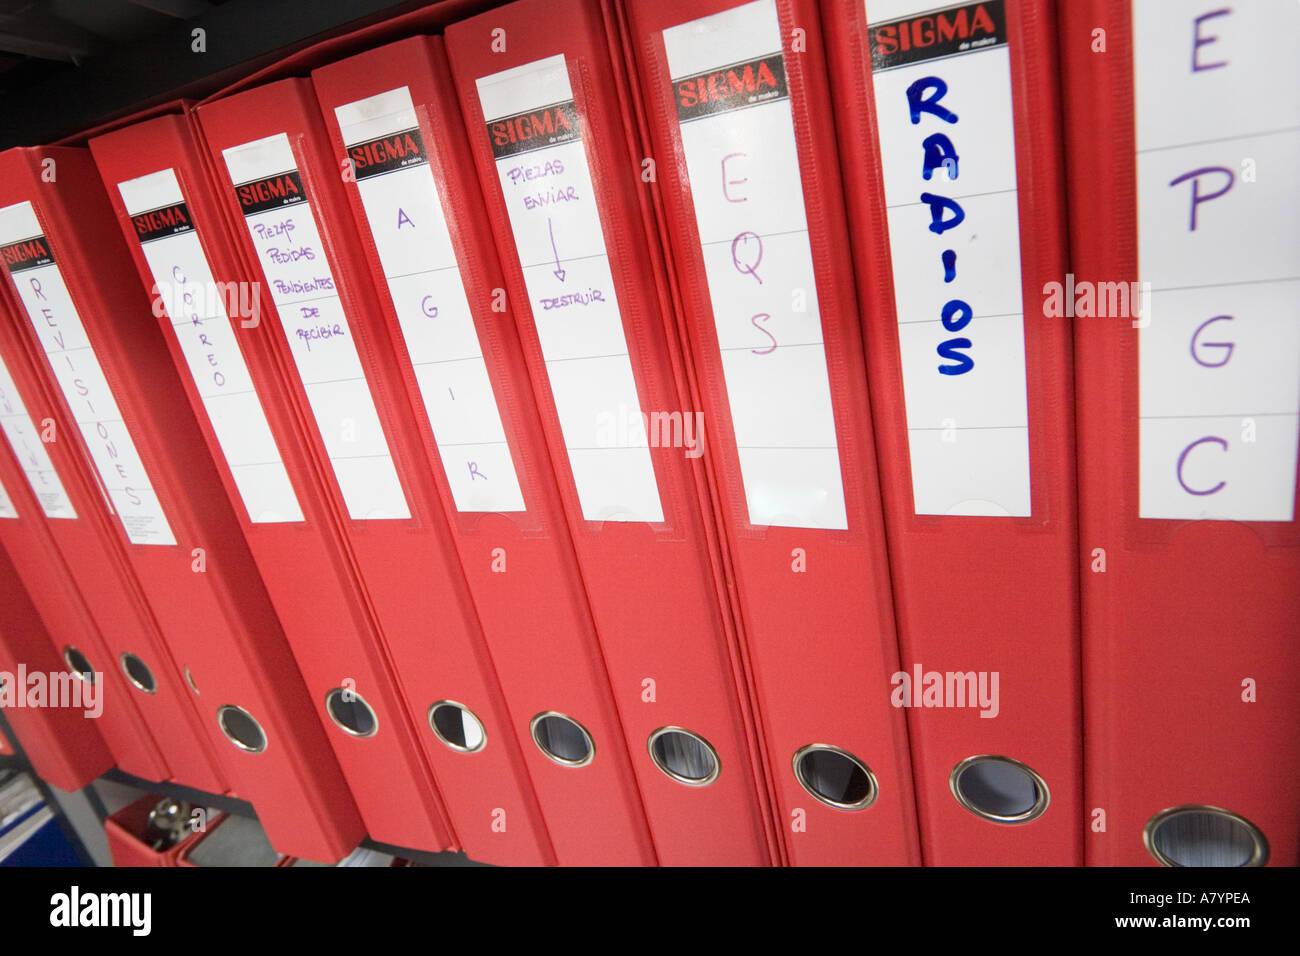 Red file identificati in lingua spagnola in una fila su un ripiano di office Foto Stock